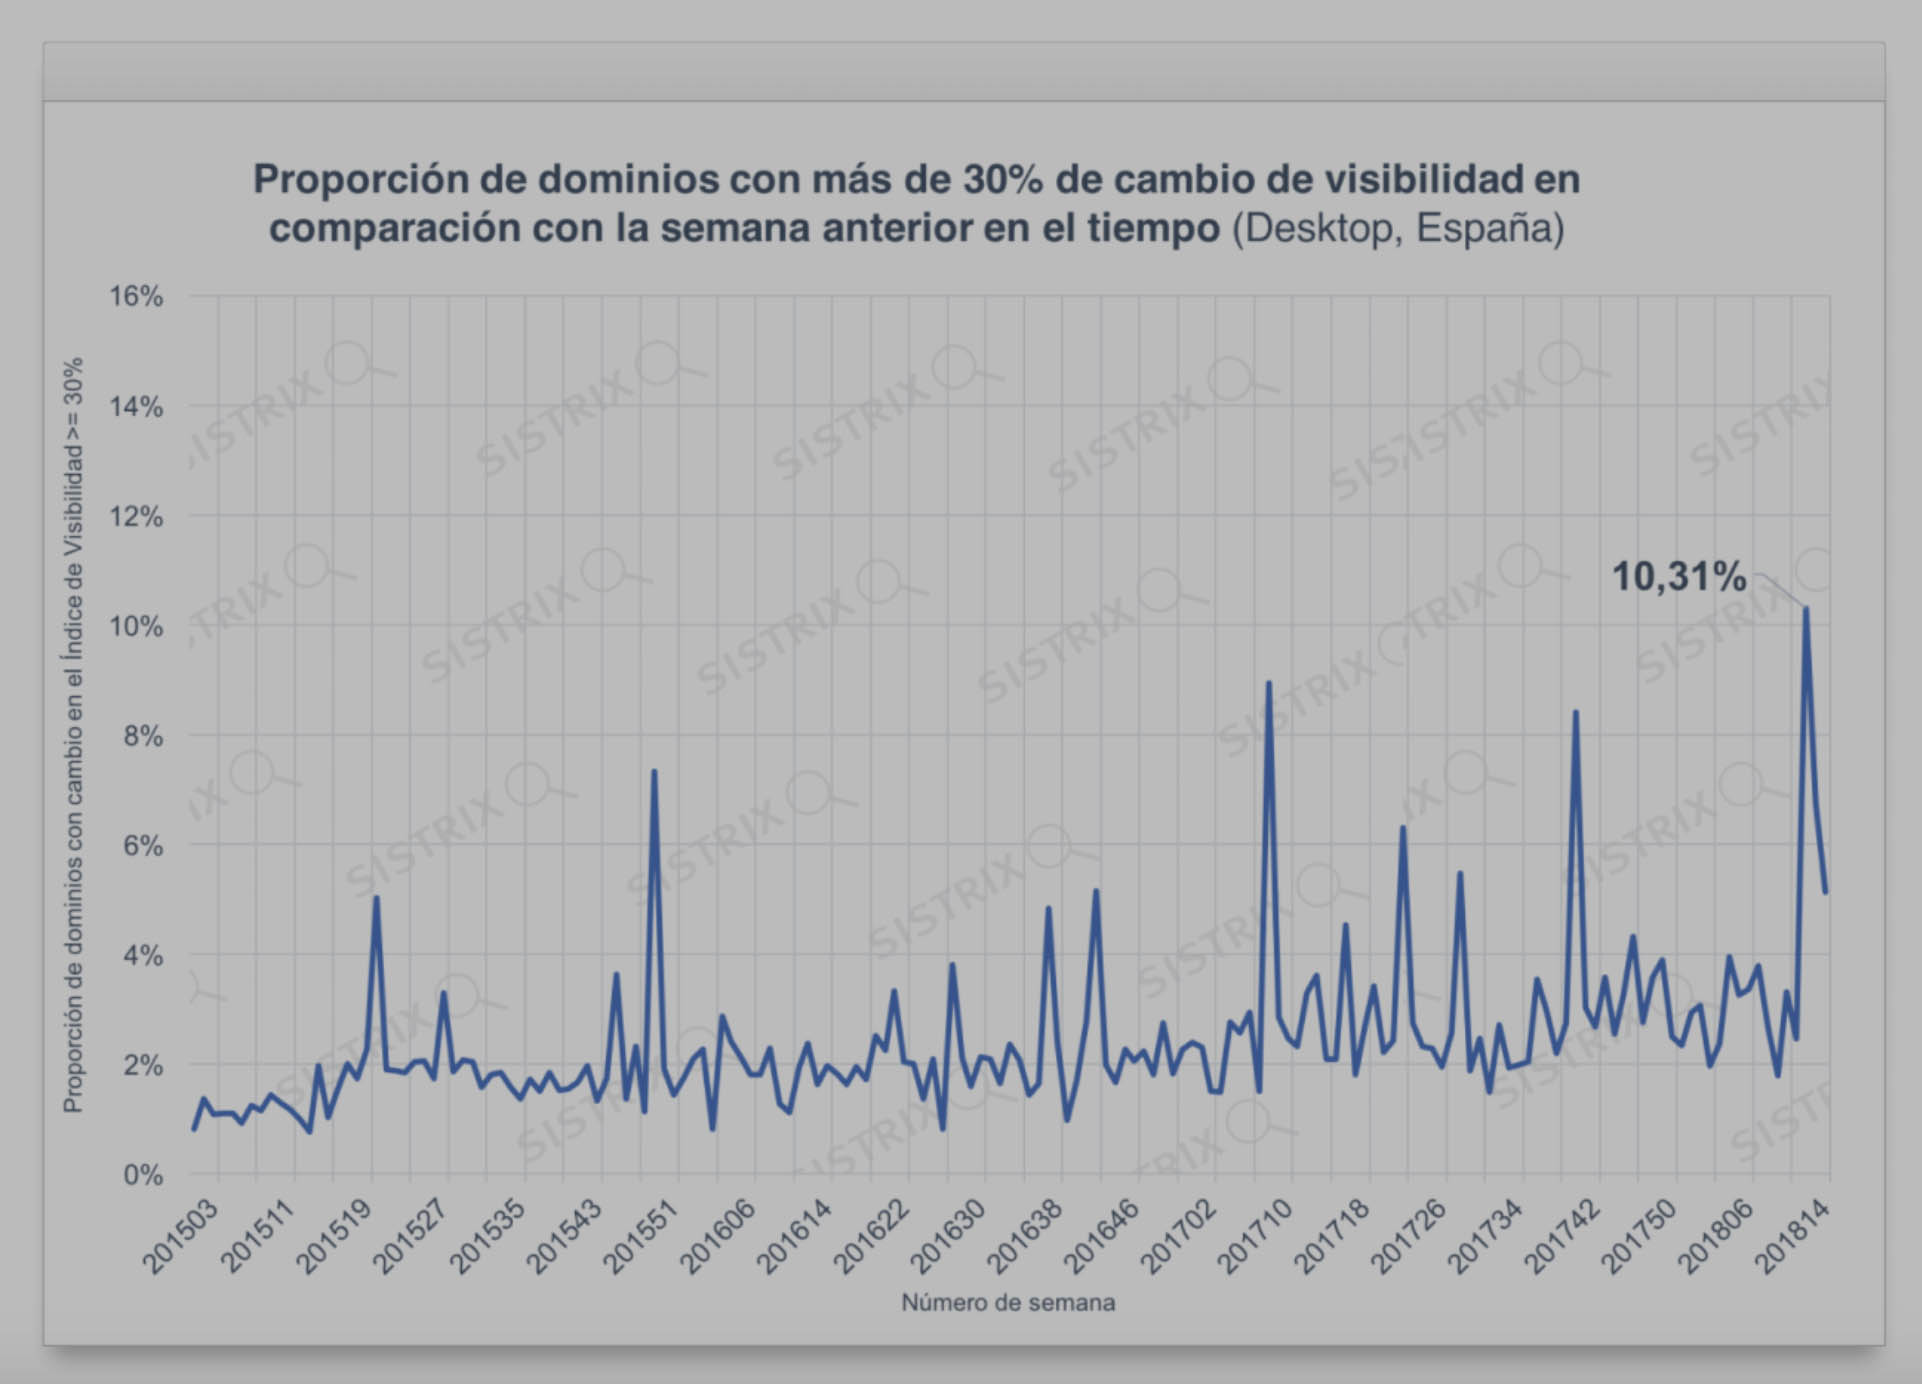 Dominios con más de un 30% de cambio en la visibilidad - Desktop España